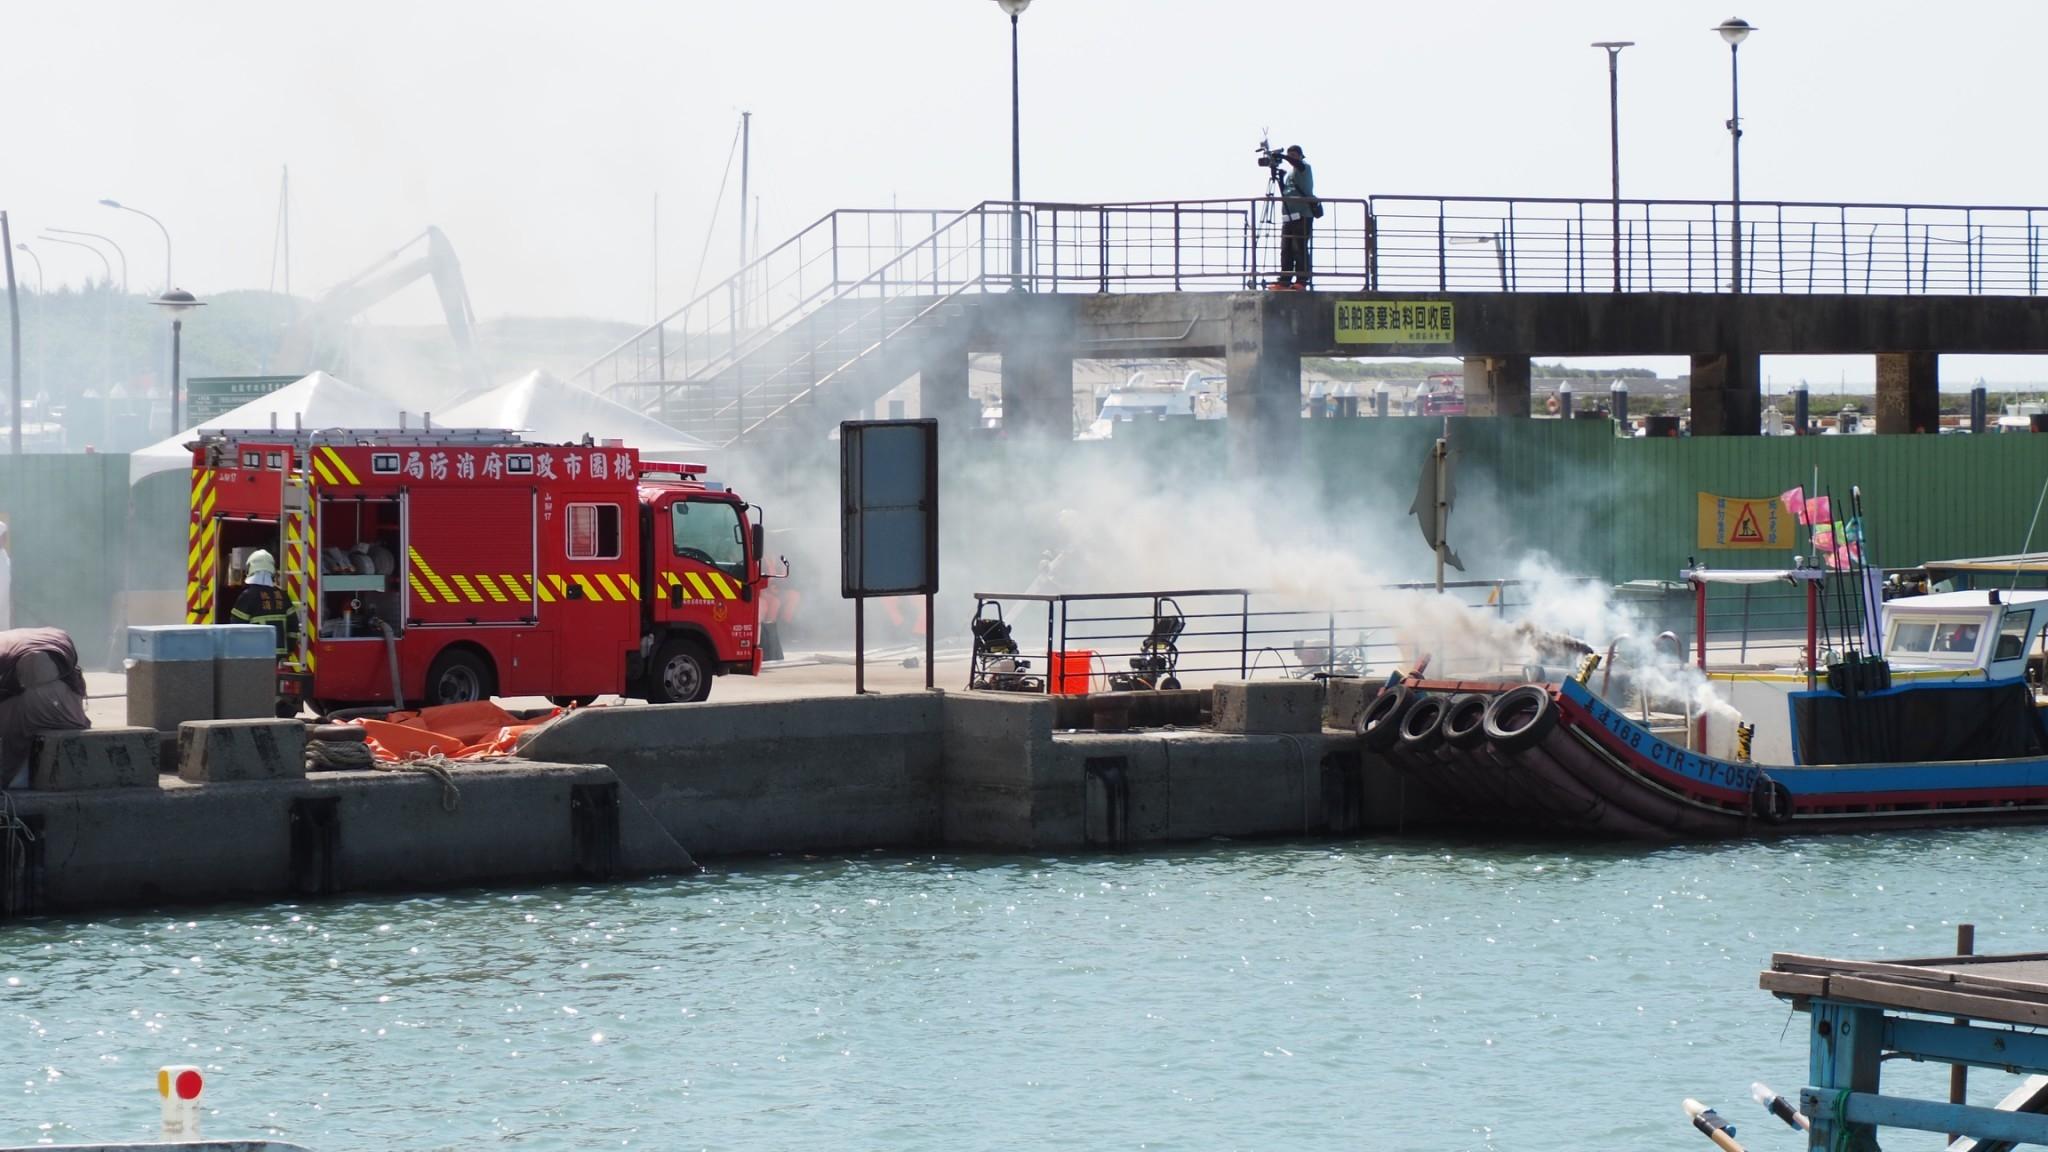 桃市操演漁船火災事故引致油污染實境模擬 整合公私應變量能、精實火災事故應變能力